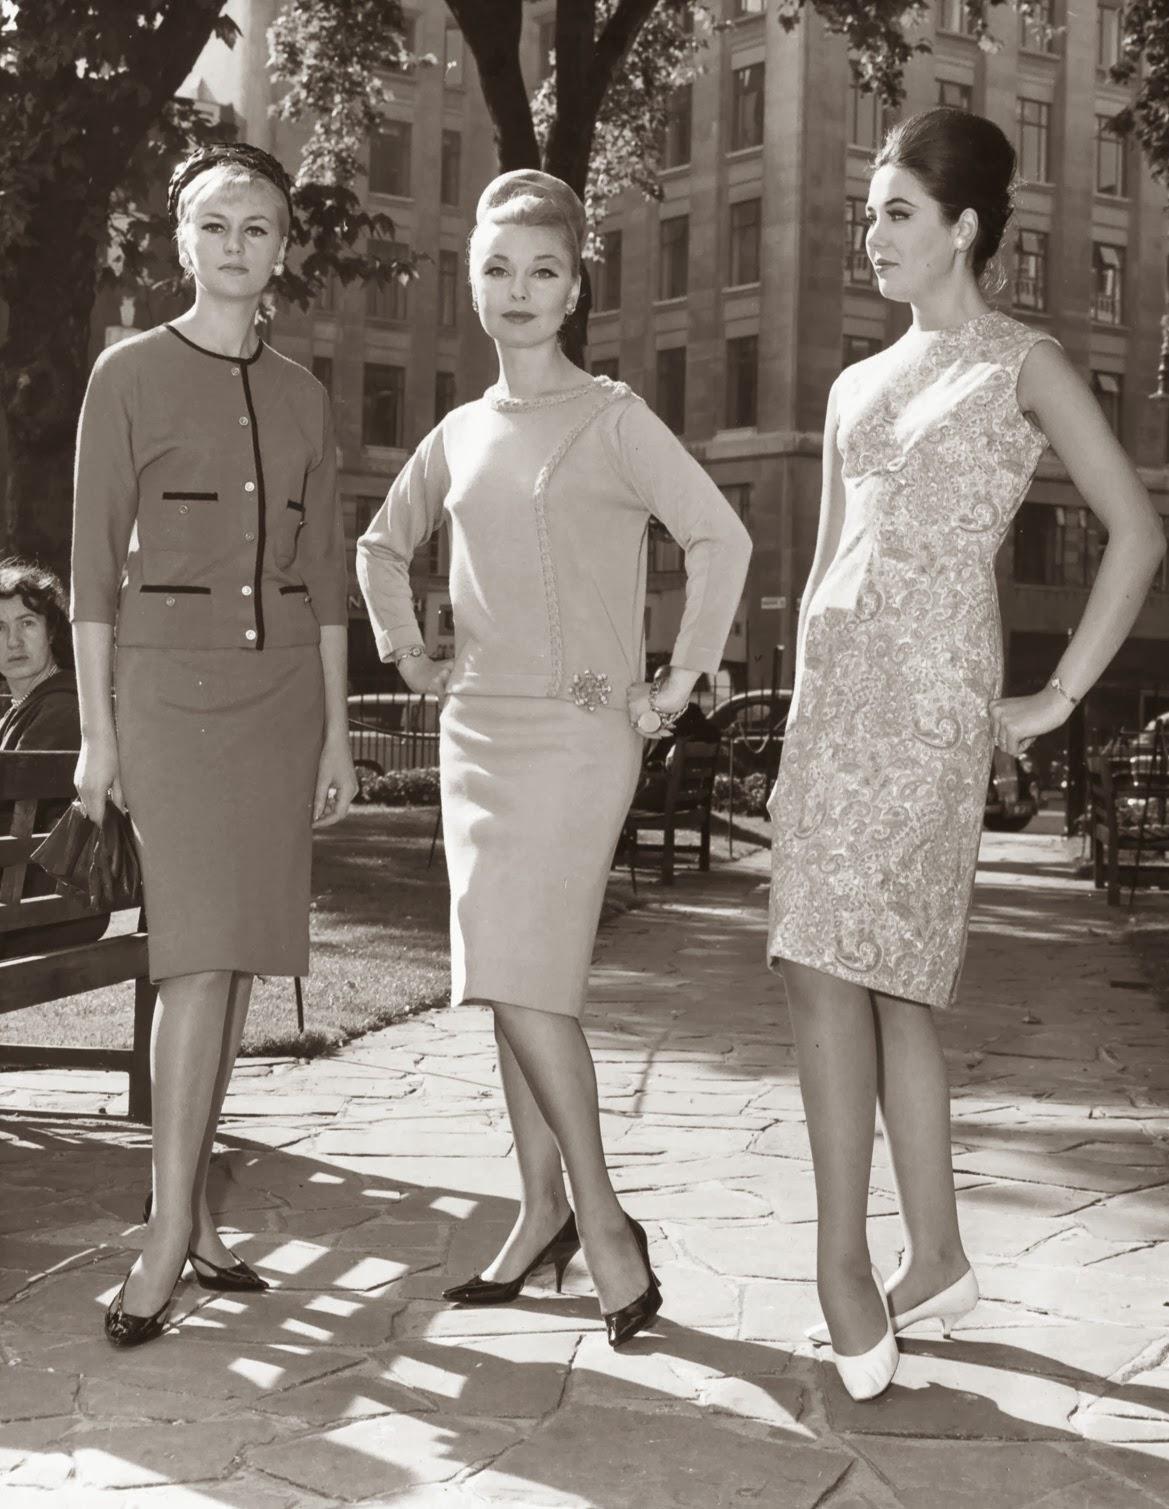 London Fashion, 1962